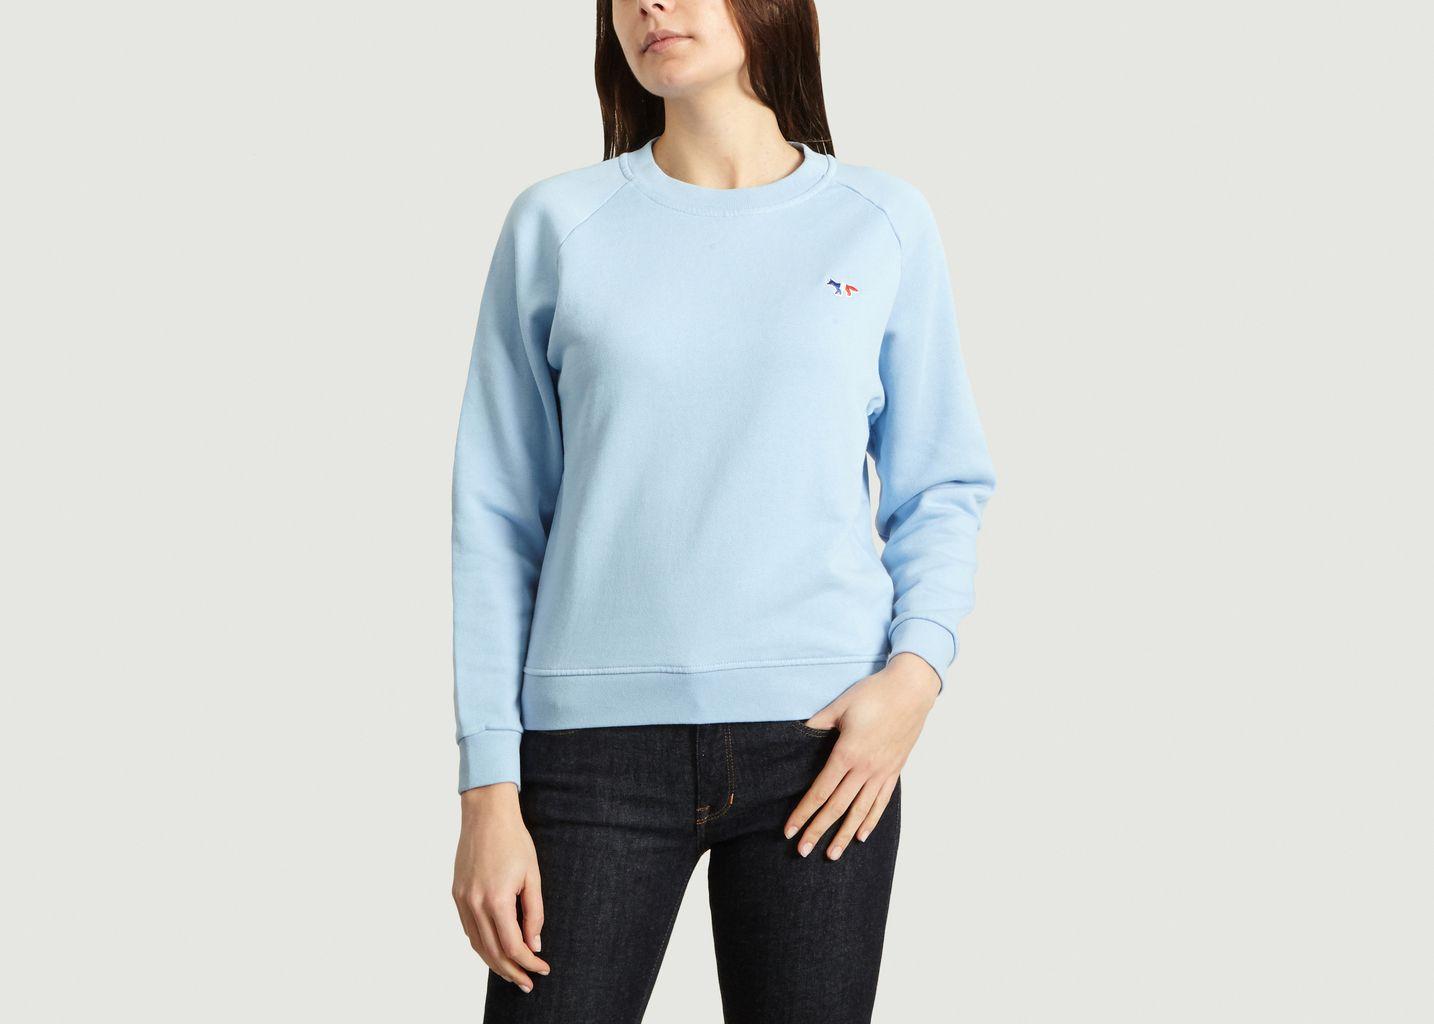 Sweatshirt Tricolor Fox Patch - Maison Kitsuné